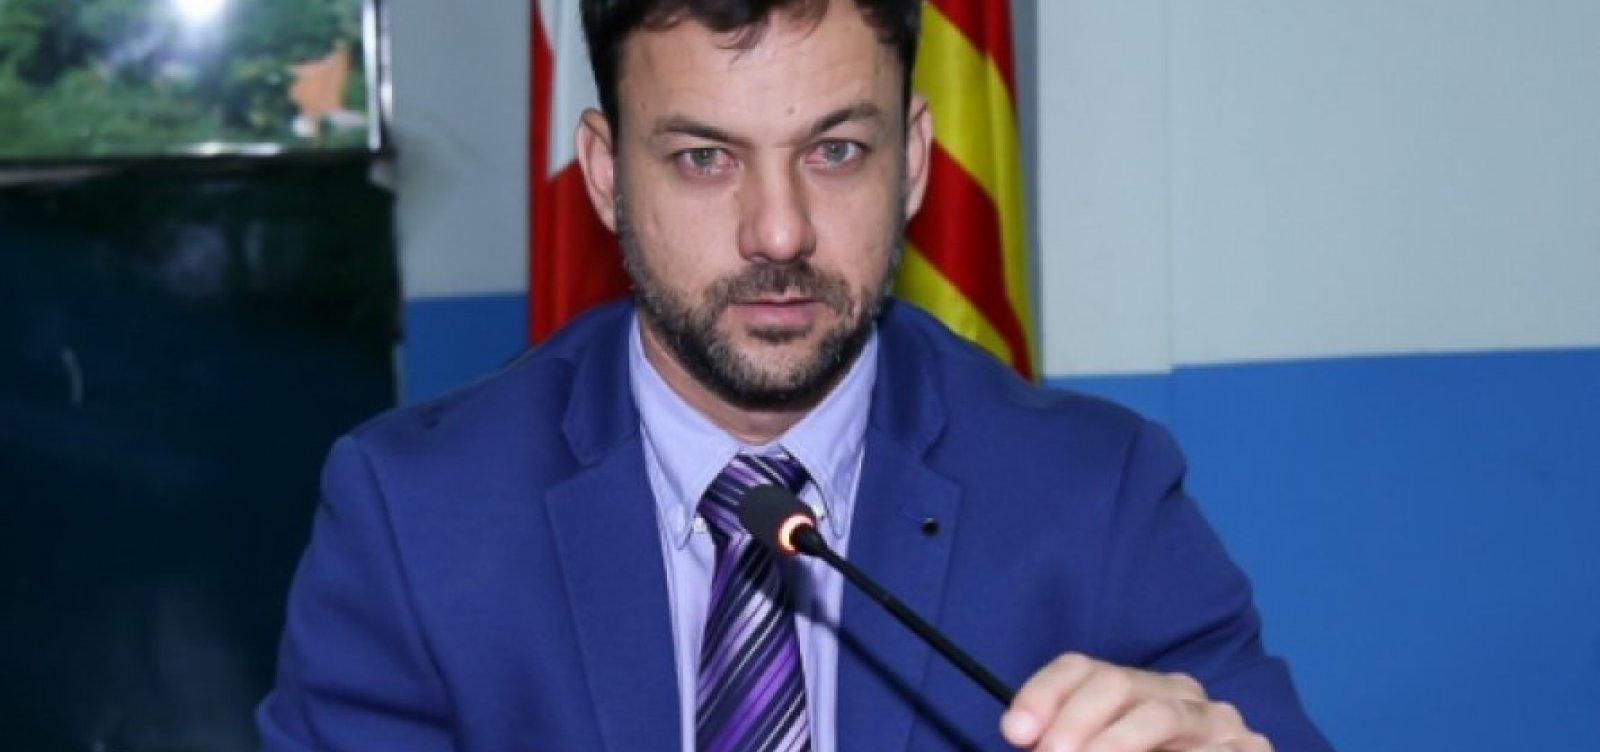 Operação Xavier: Justiça determina afastamento de Lukas Paiva da Câmara